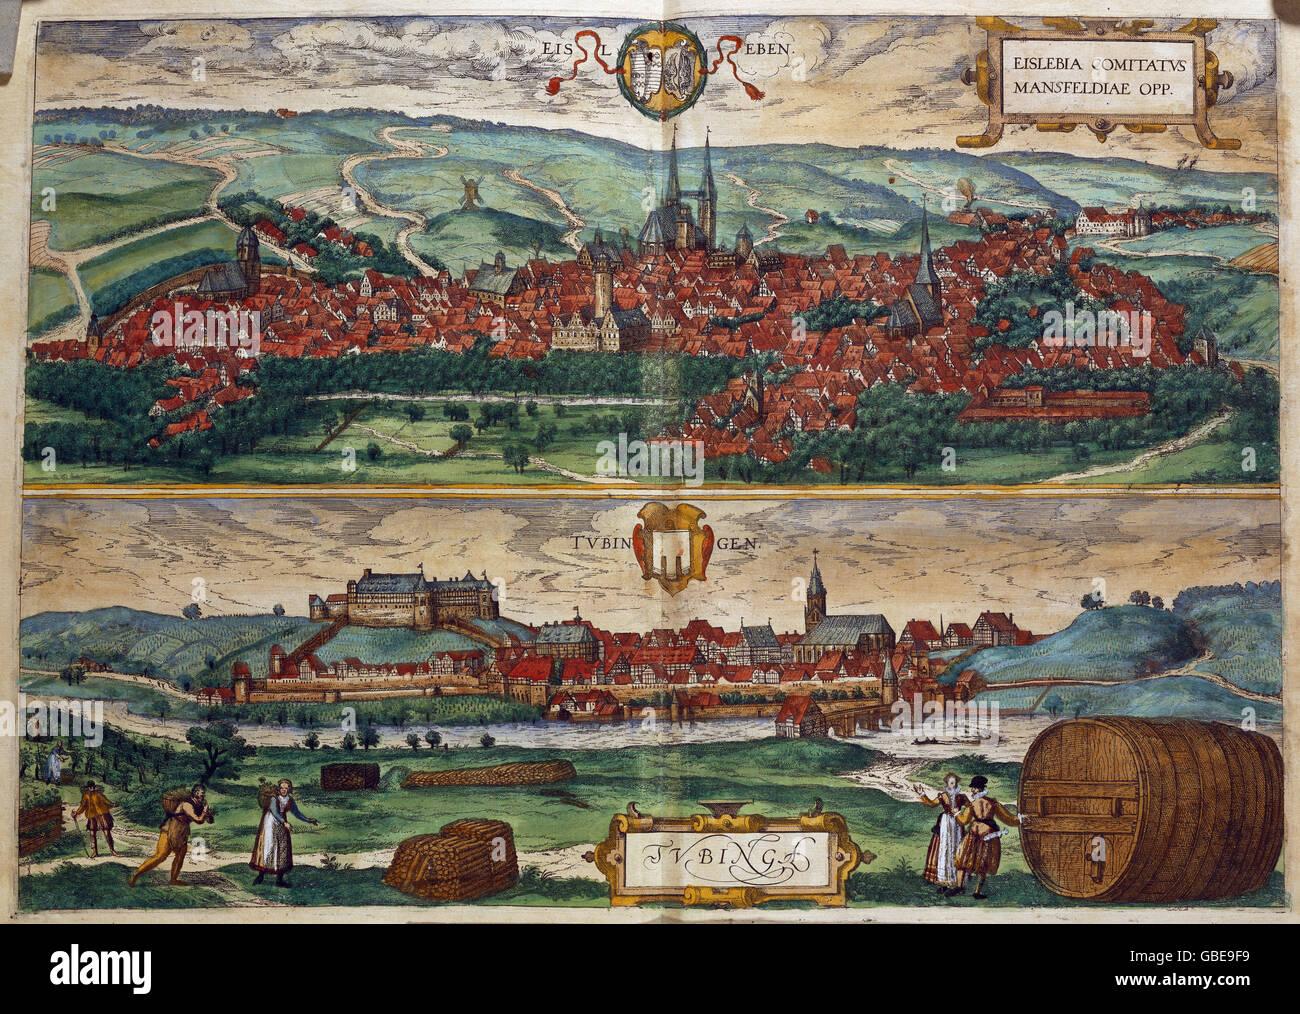 """Géographie / voyage, Allemagne, Berlin et Tübingen, woodcut, colorés, à partir de """"taedteatlas» Photo Stock"""